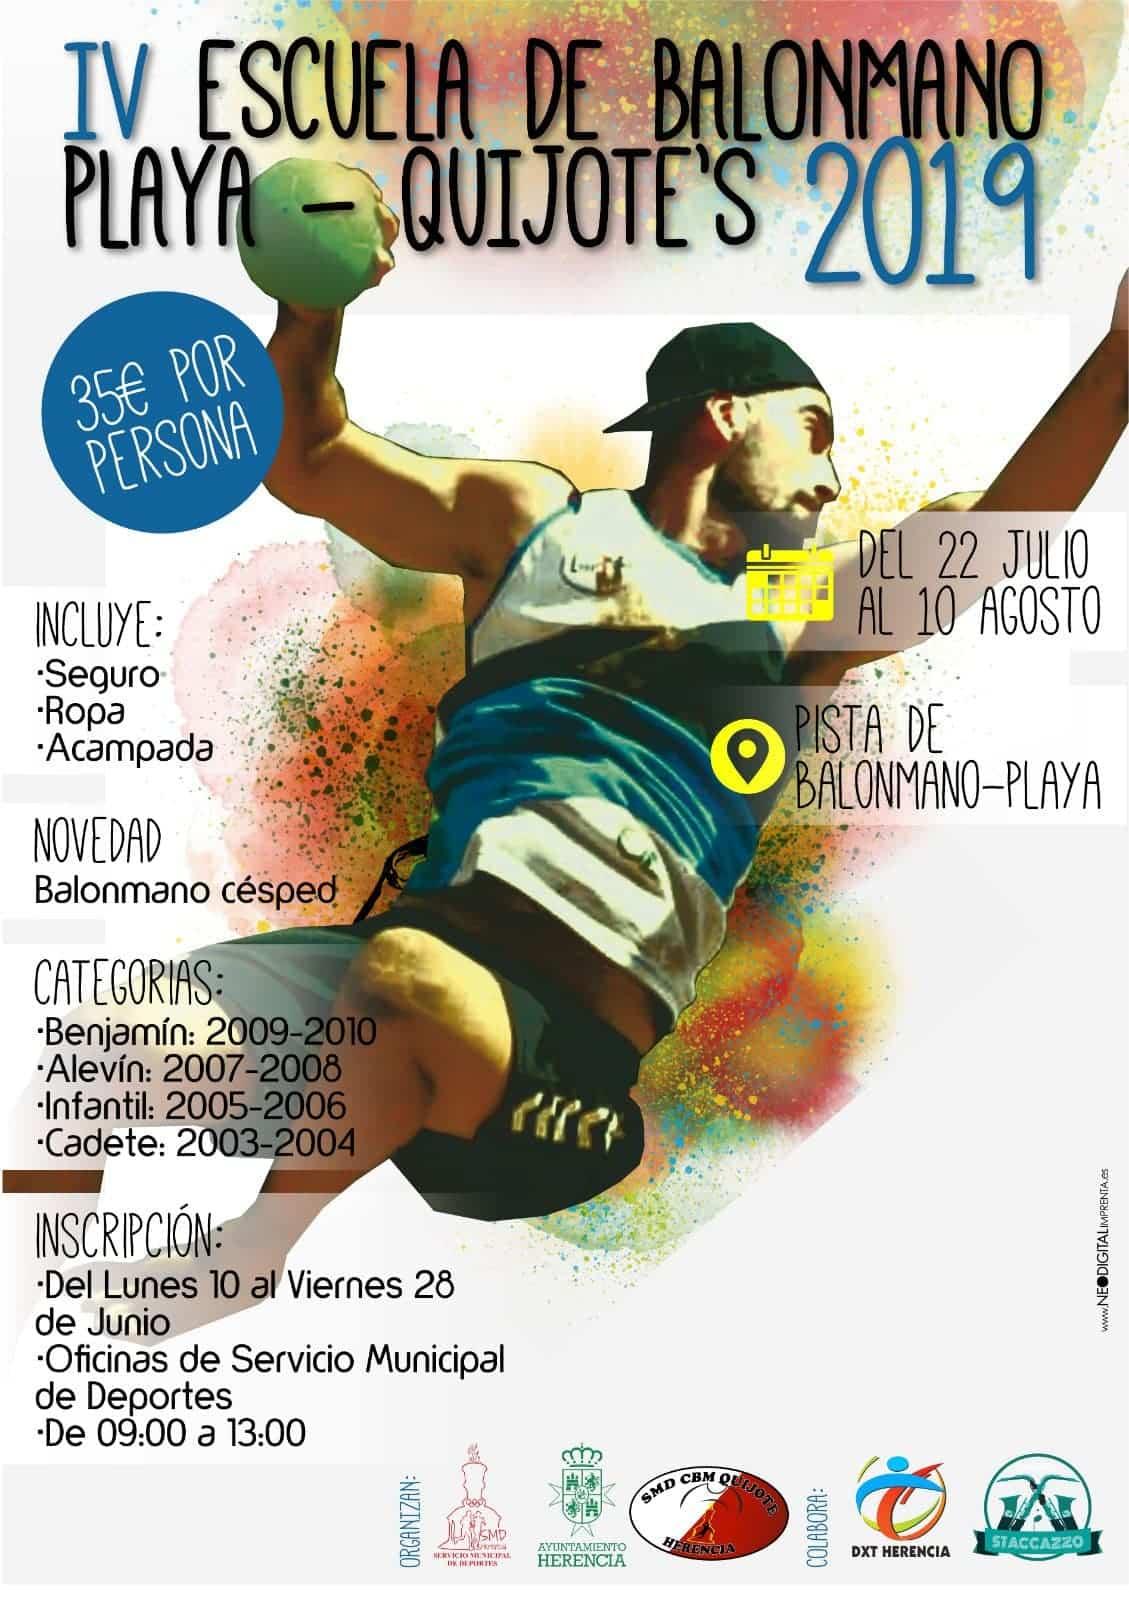 IV escuela de balonmano playa herencia - Abiertas inscripciones para la IV Escuela de Balonmano Playa-Quijote's 2019